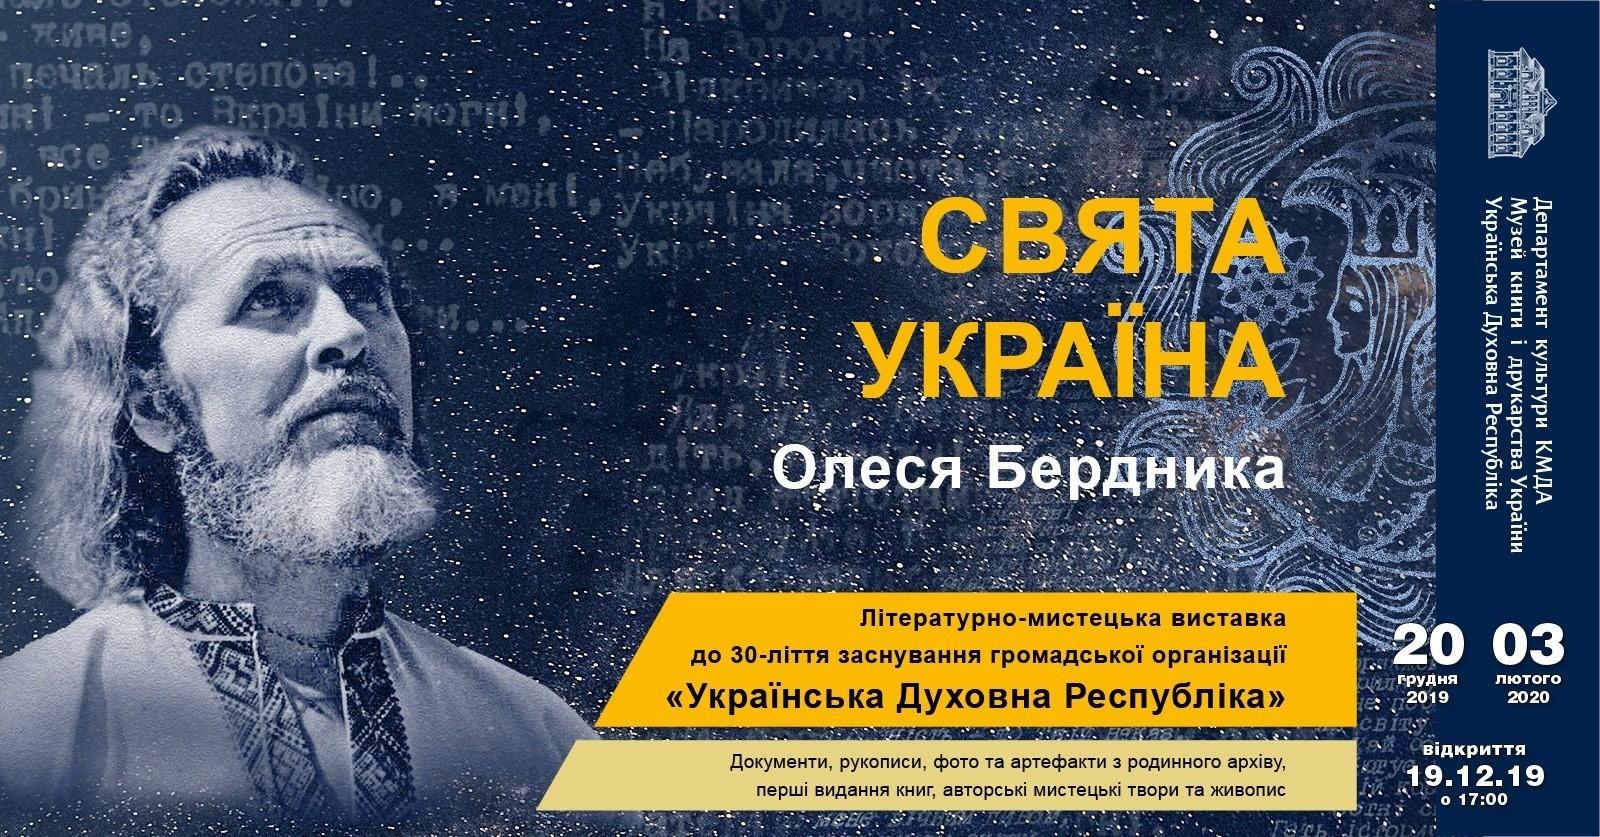 Виставка «Свята Україна Олеся Бердника». Відкриття - 19 грудня о 17-00